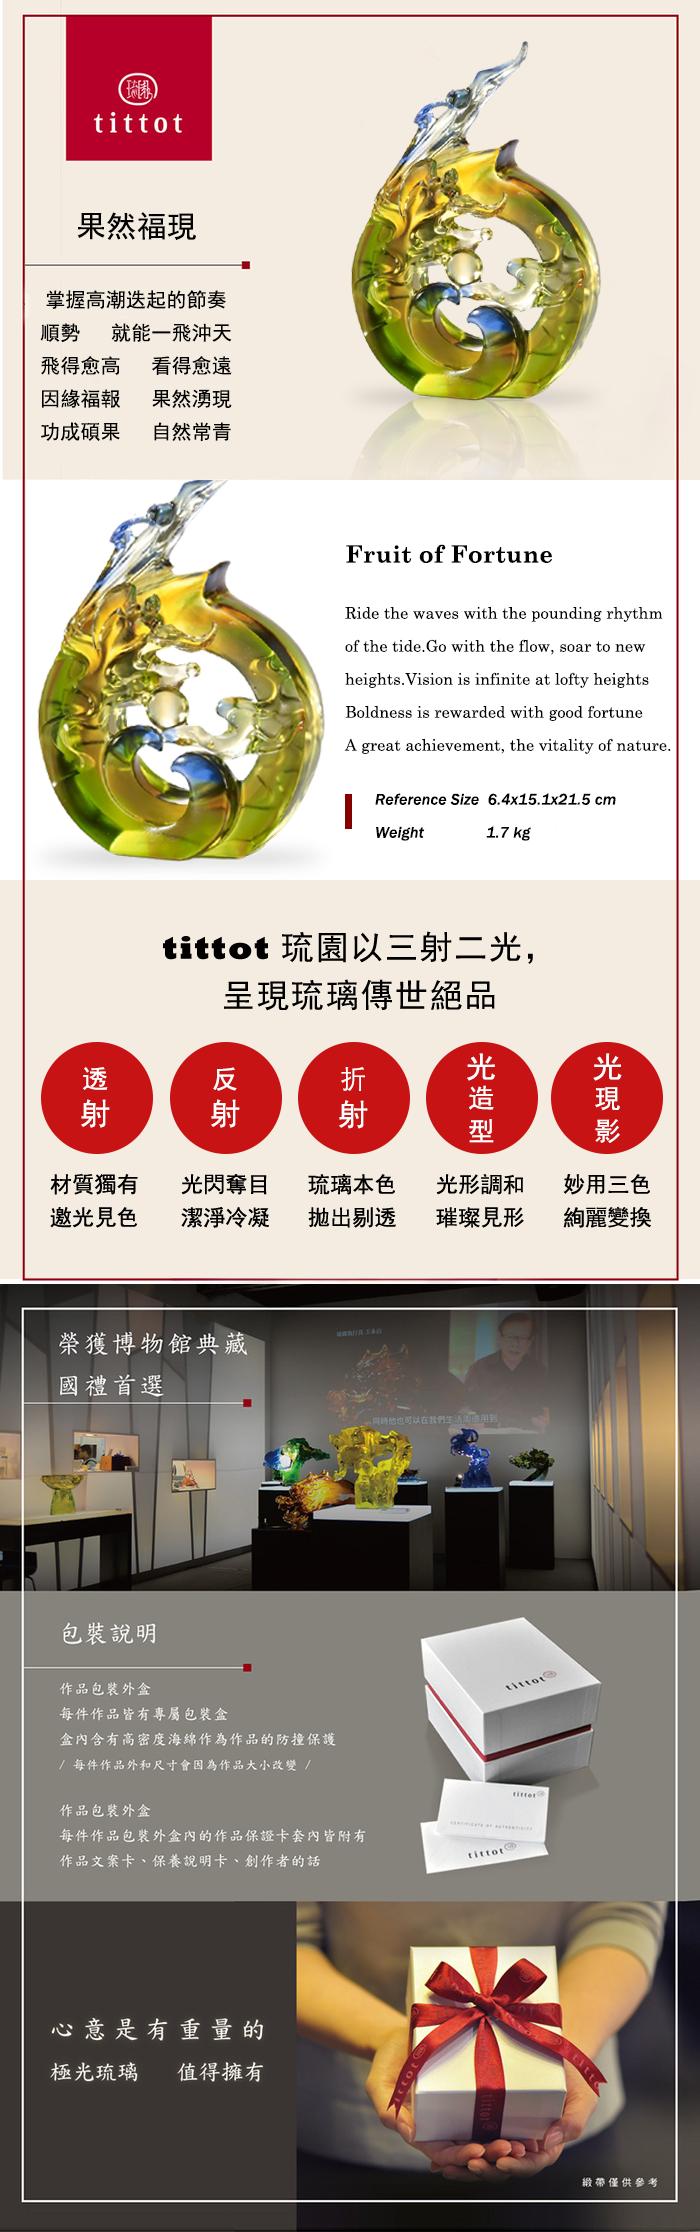 (複製)tittot 琉園 如願以償_擺飾